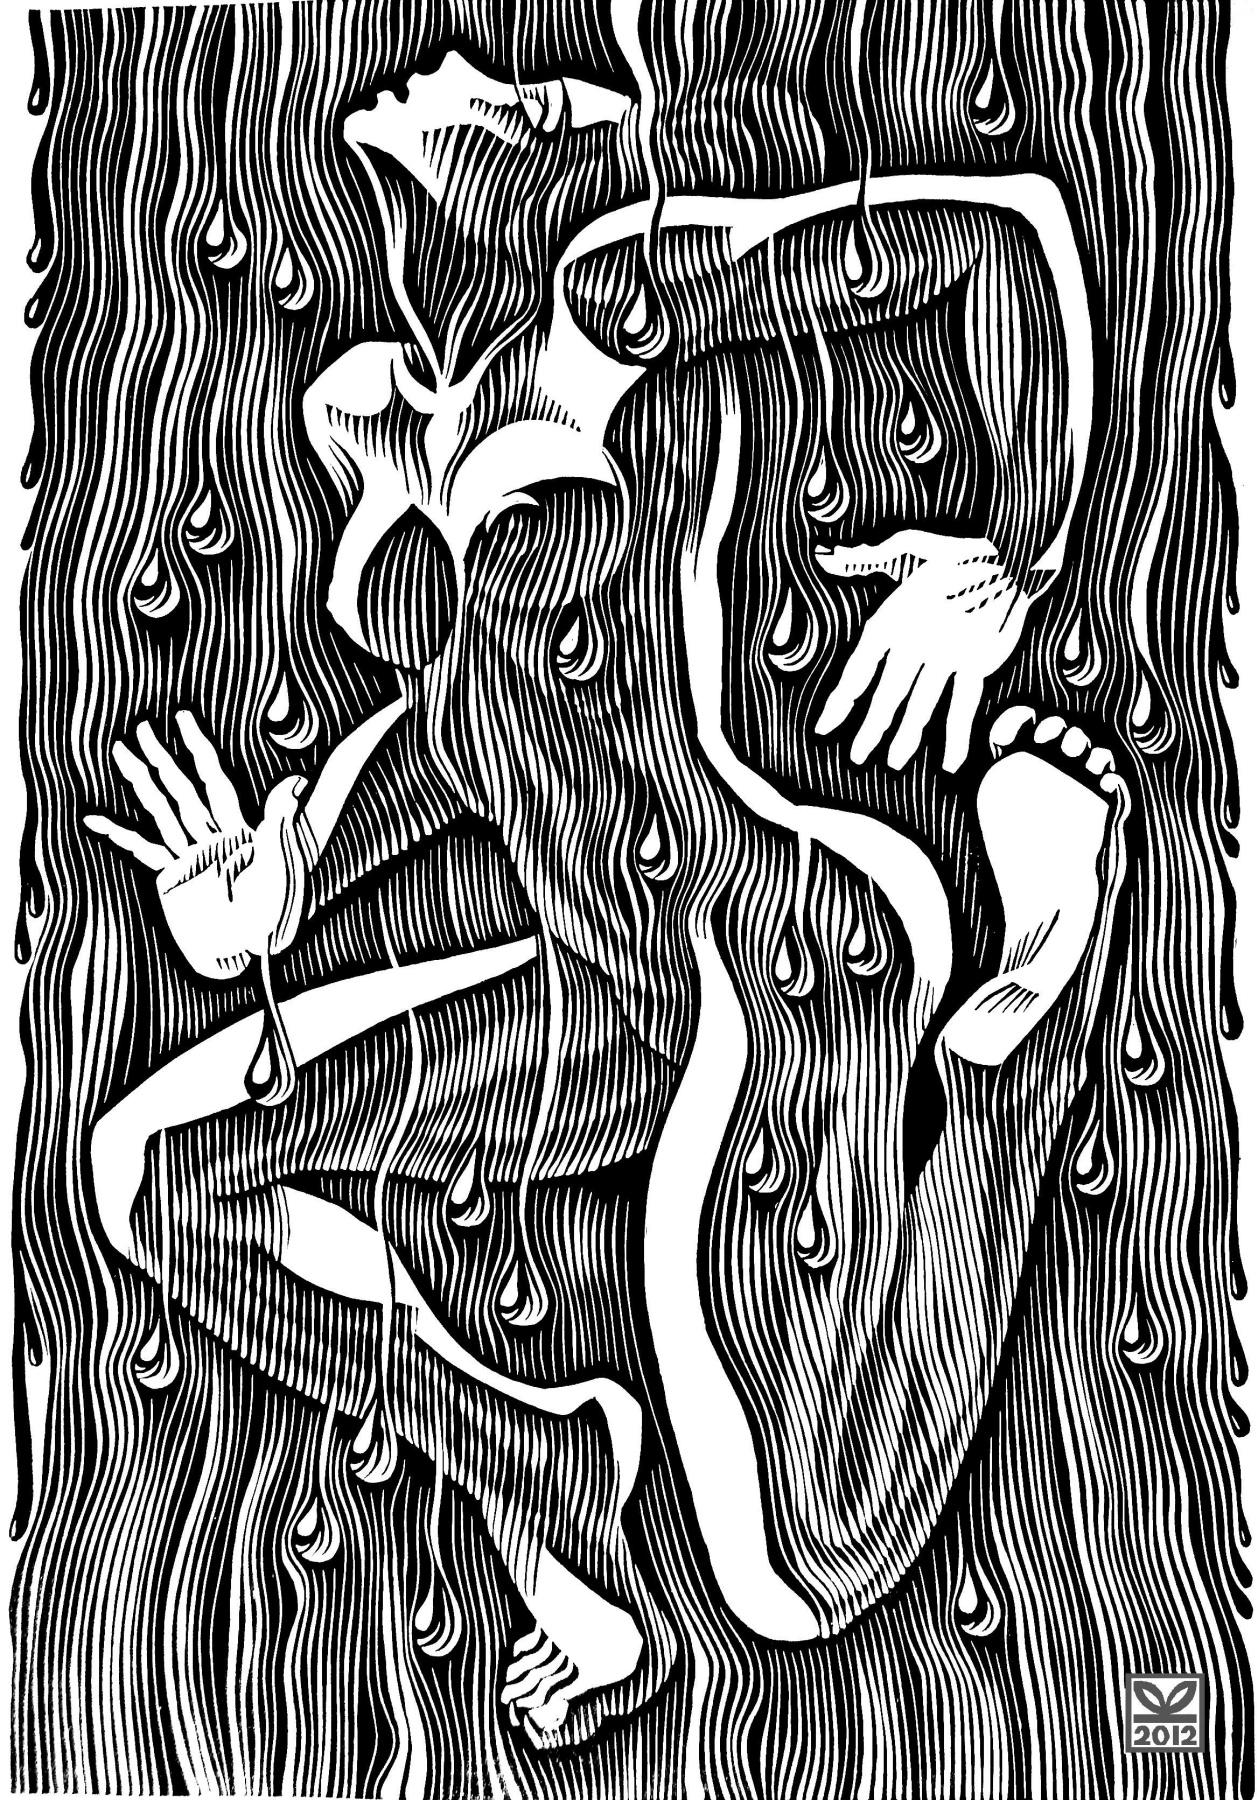 """Vladimir Kataev. """"The dance of summer rain-5"""", linocut, 65Х45, 2011"""